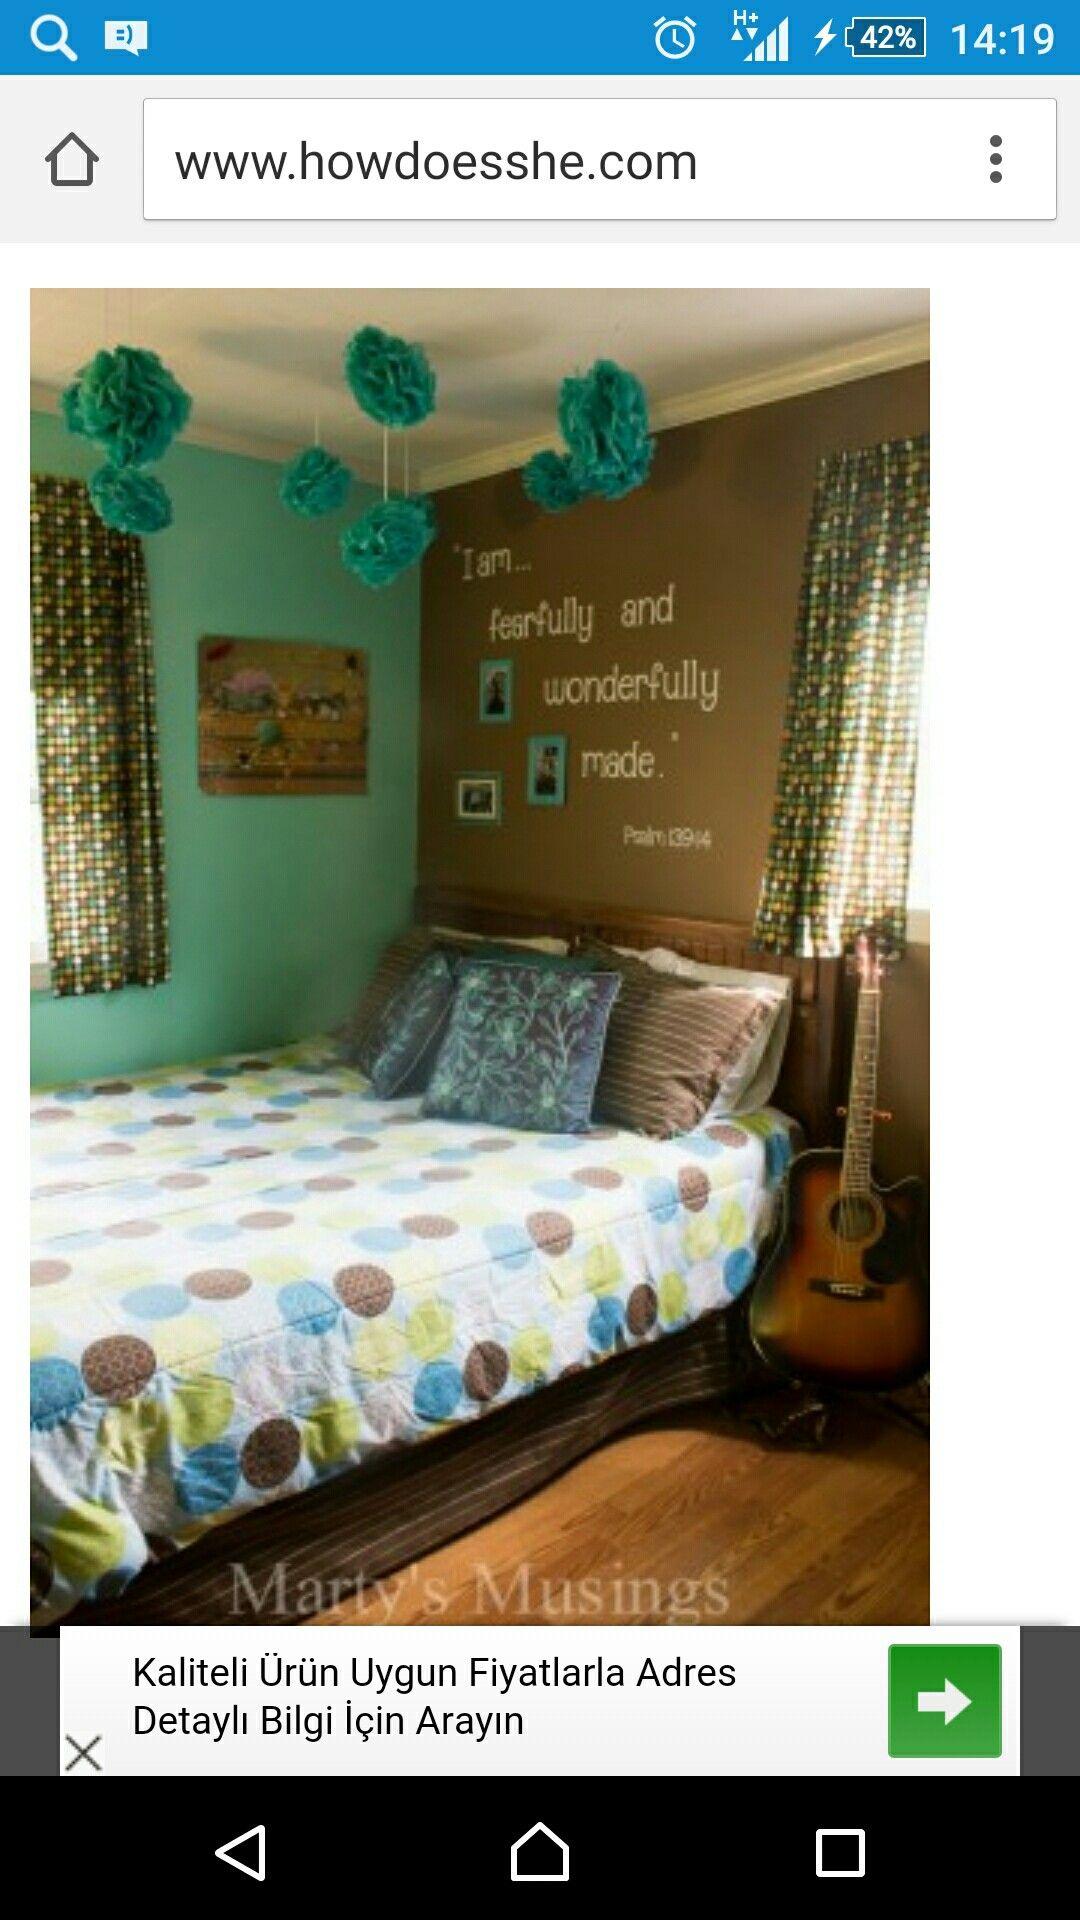 Heiße Rosa Schlafzimmer, Teenager Mädchen Schlafzimmer, Teenagermädchen  Geschenke, Coole Betten Für Jugendliche, Diy Zimmerentwürfe, Wohnideen,  Schlafzimmer ...